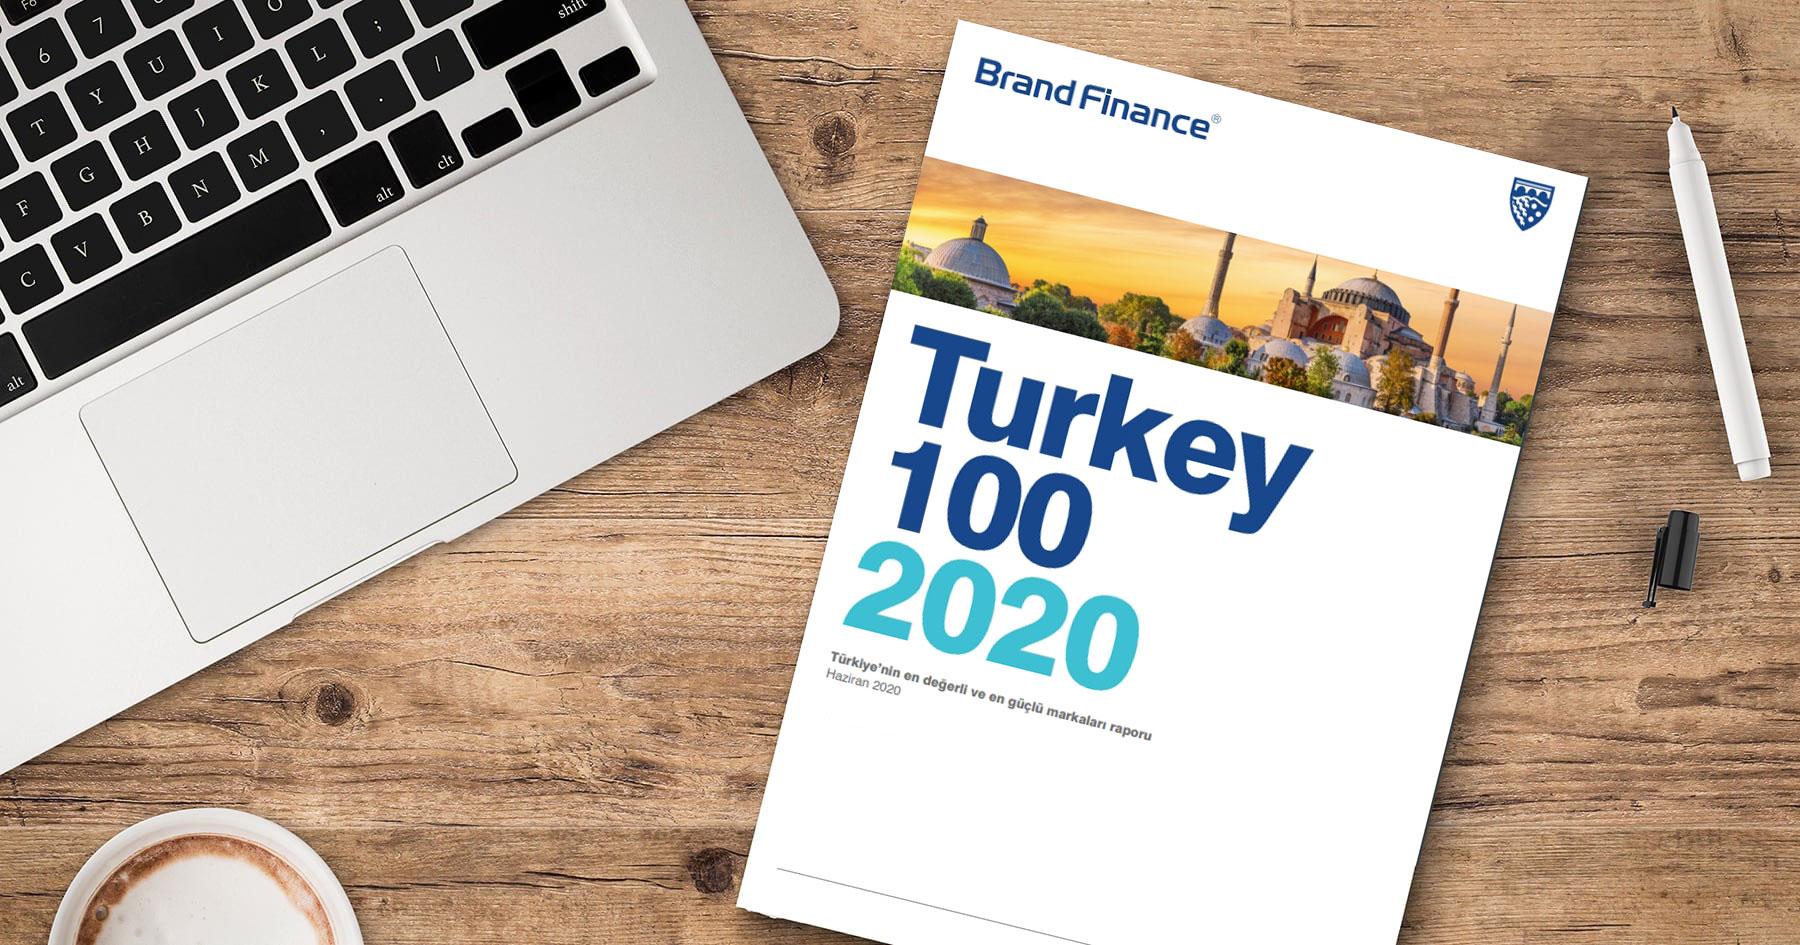 """Brand Finance 2020 Açıklandı: Alarko Carrier, """"Türkiye'nin En Değerli 100 Markası"""" Arasındaki Yerini Korumaya Devam Ediyor"""